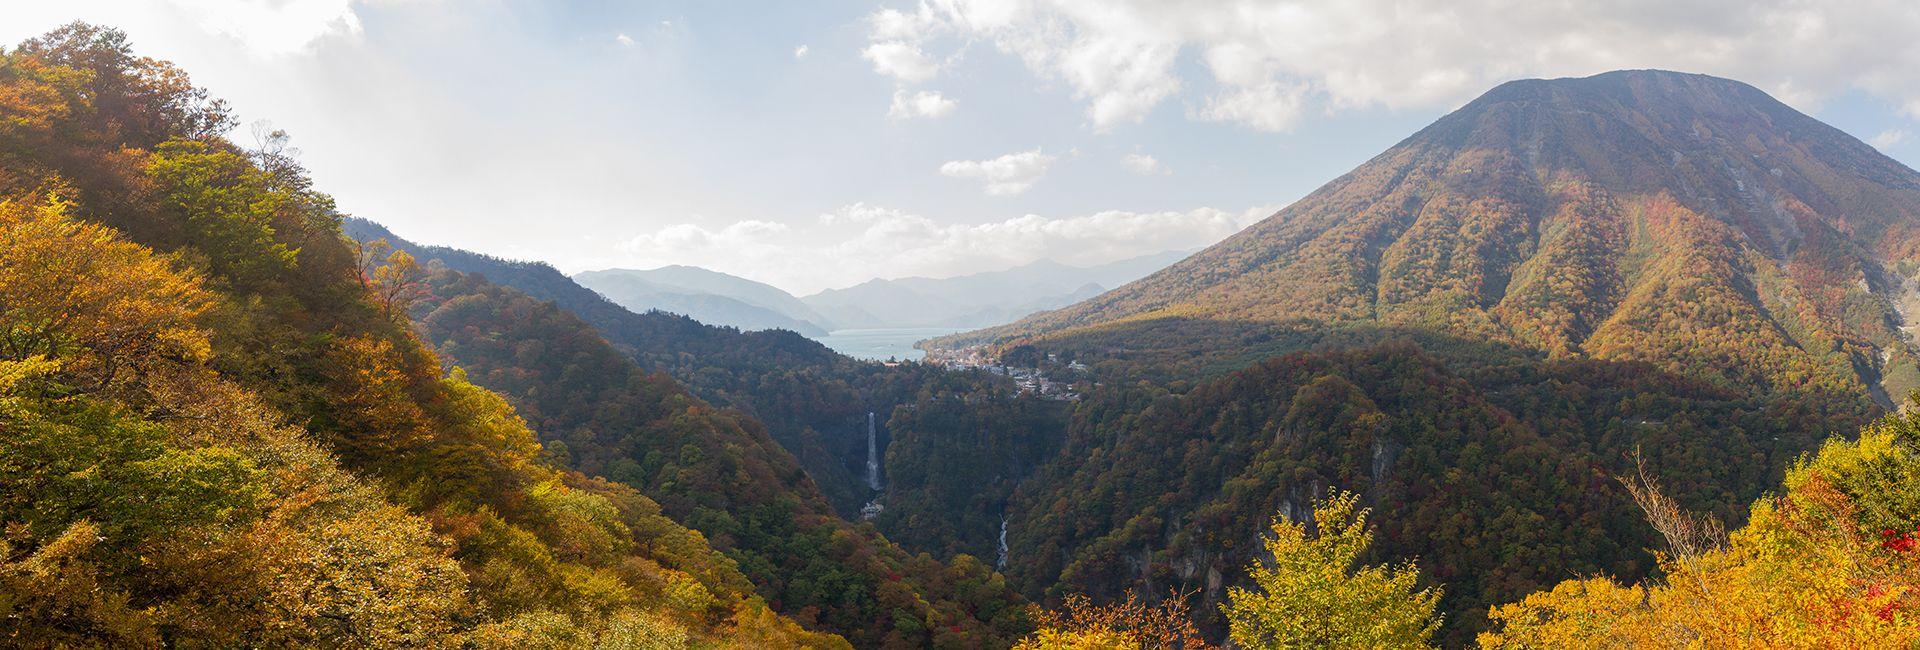 Nikko and Lake Chuzenji